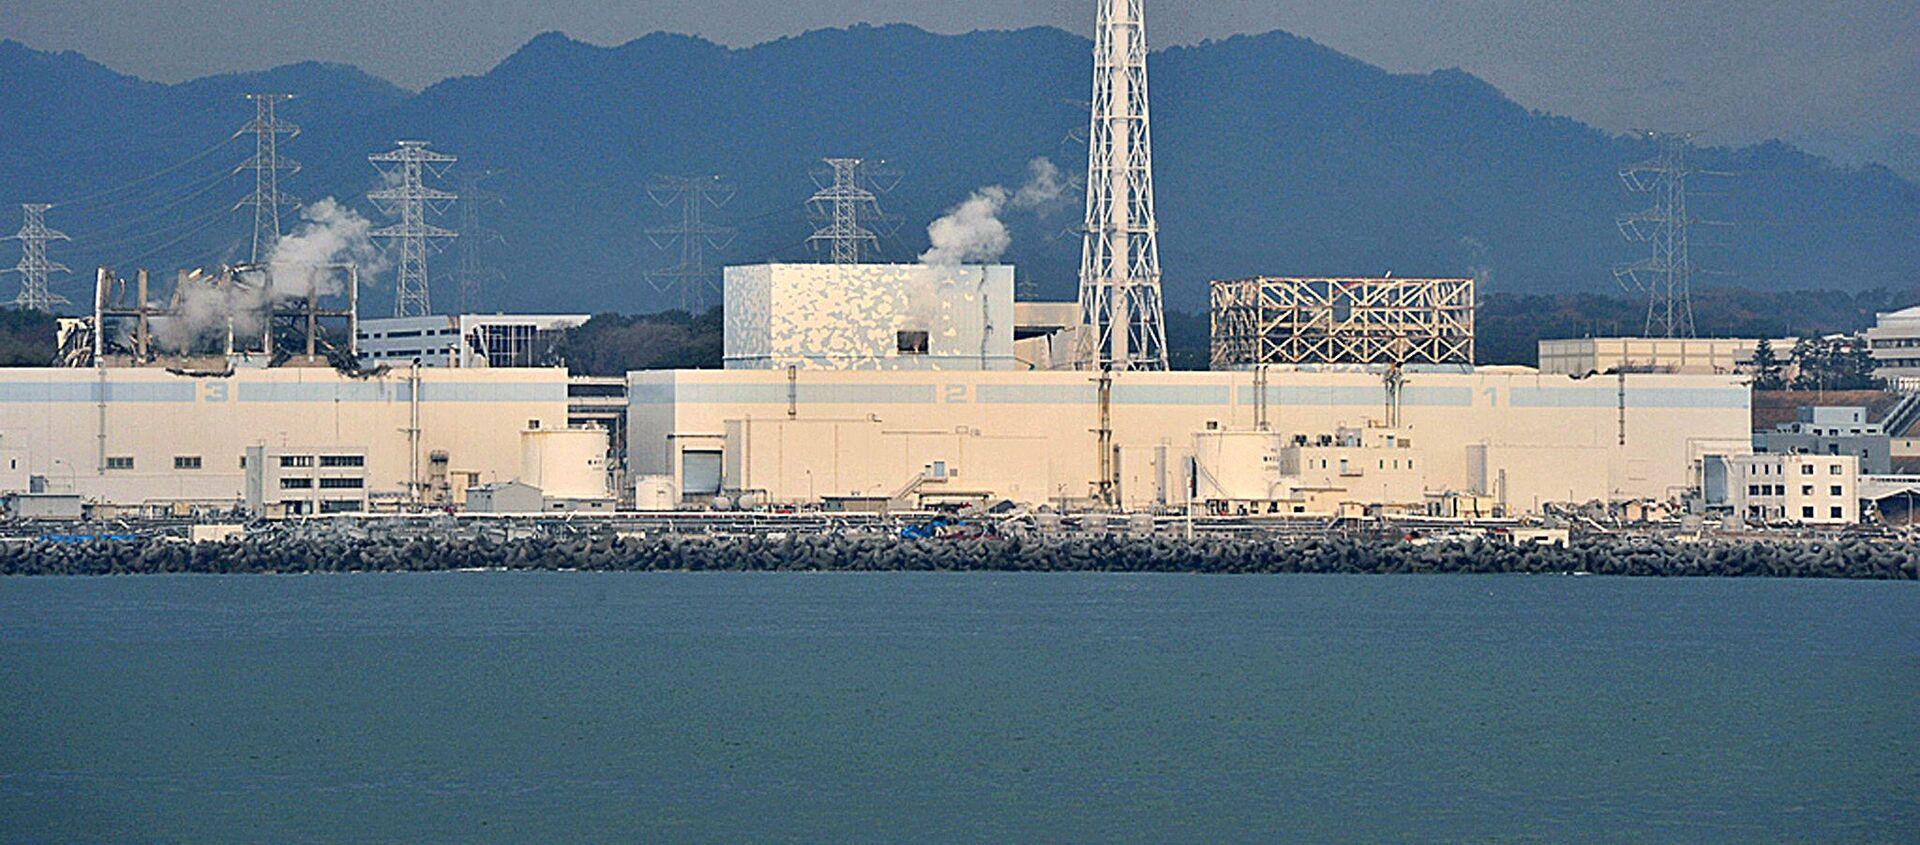 福島原子力発電所 - Sputnik 日本, 1920, 26.06.2021